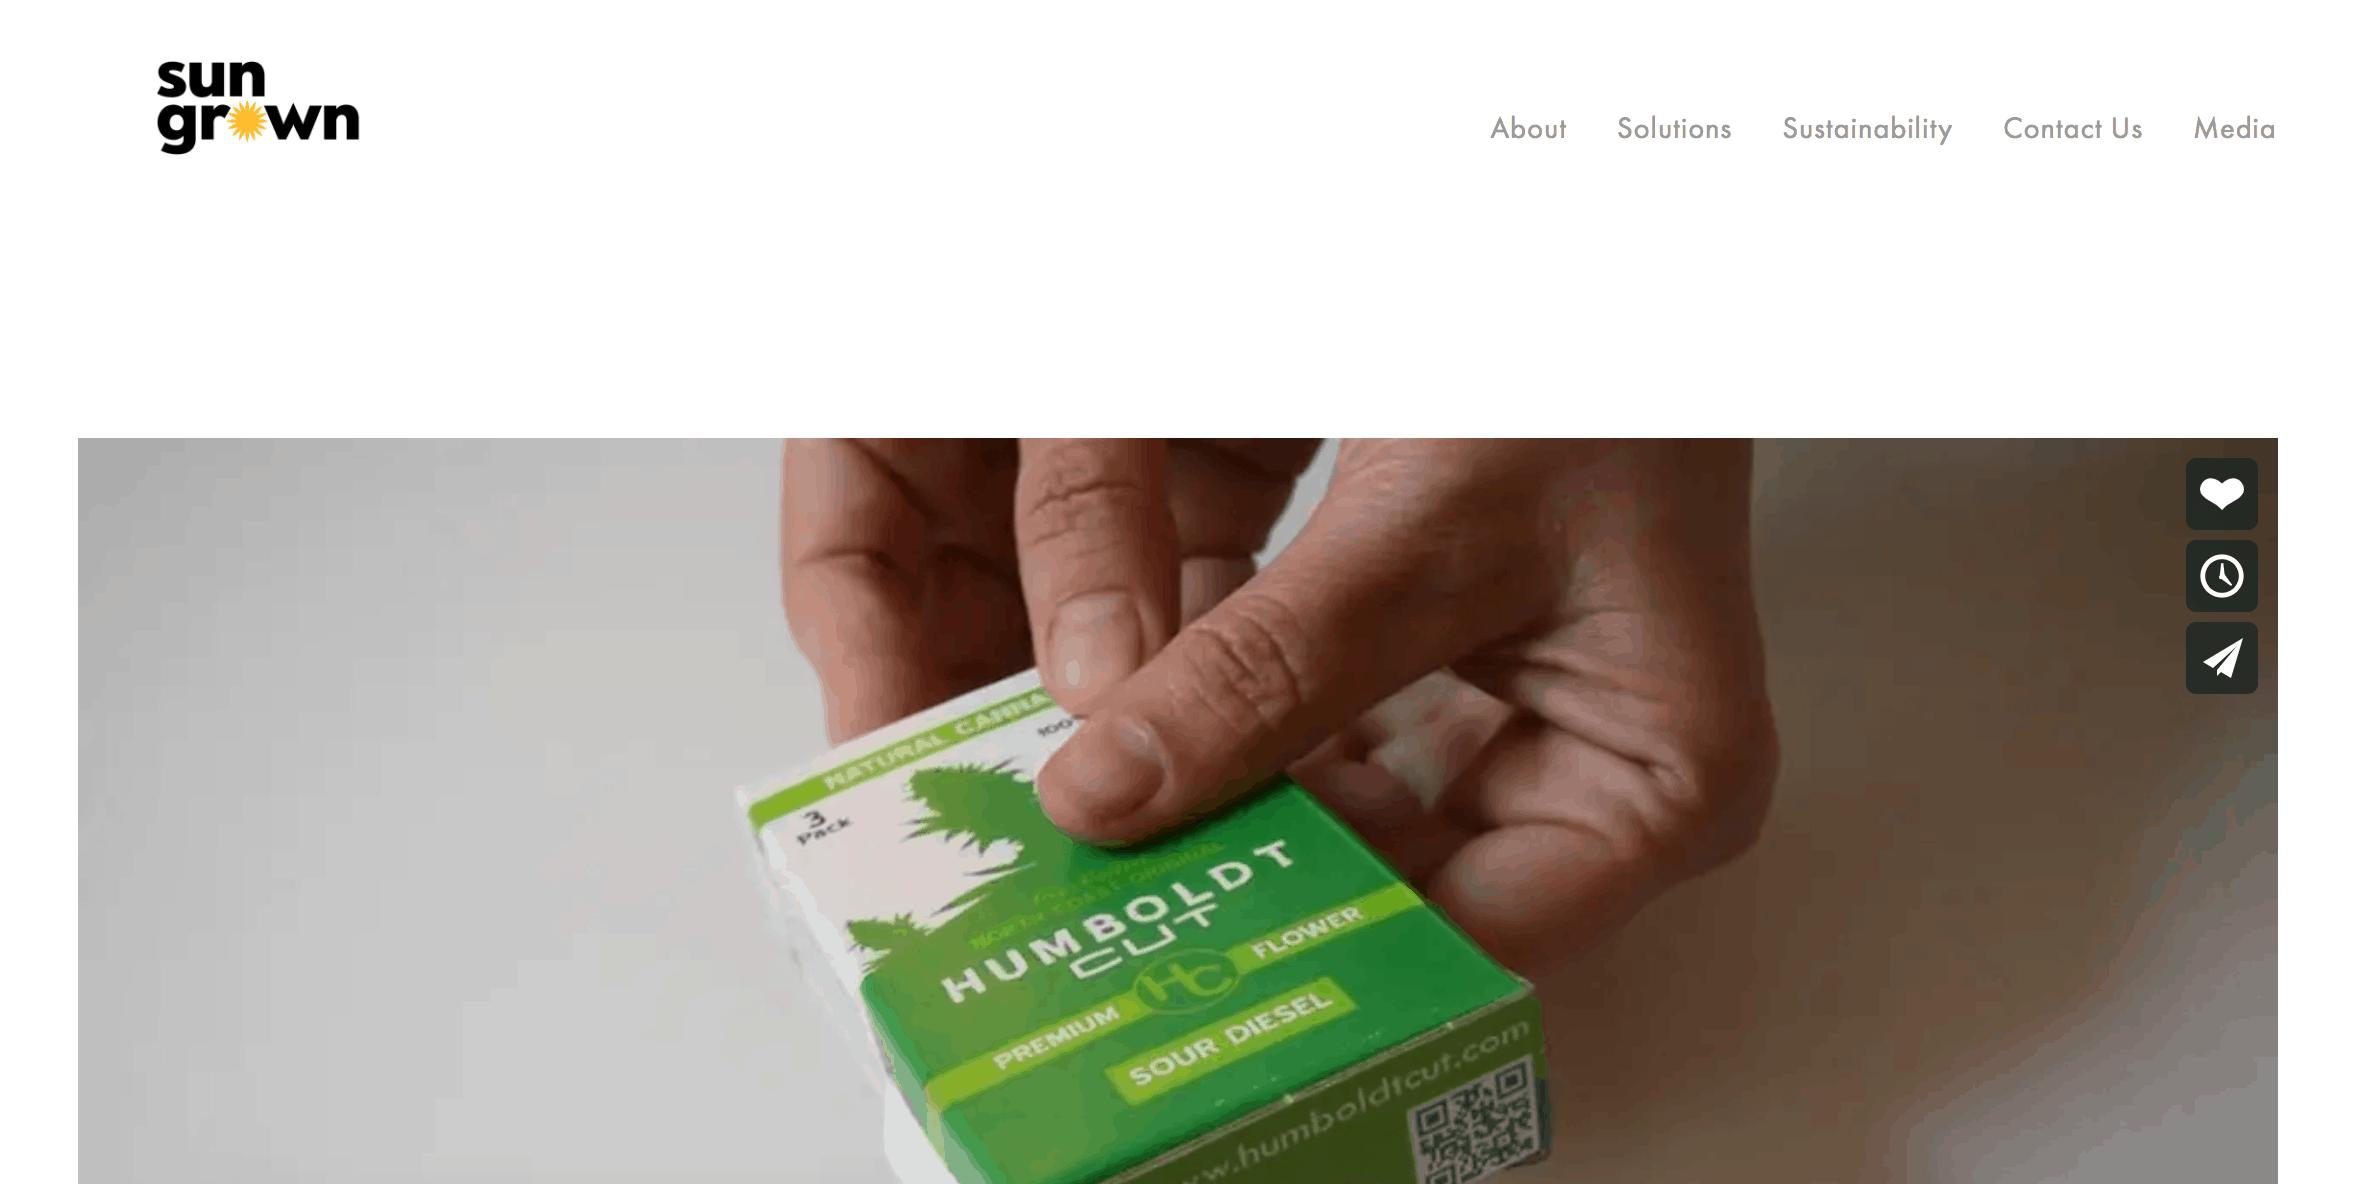 Sun Grown website